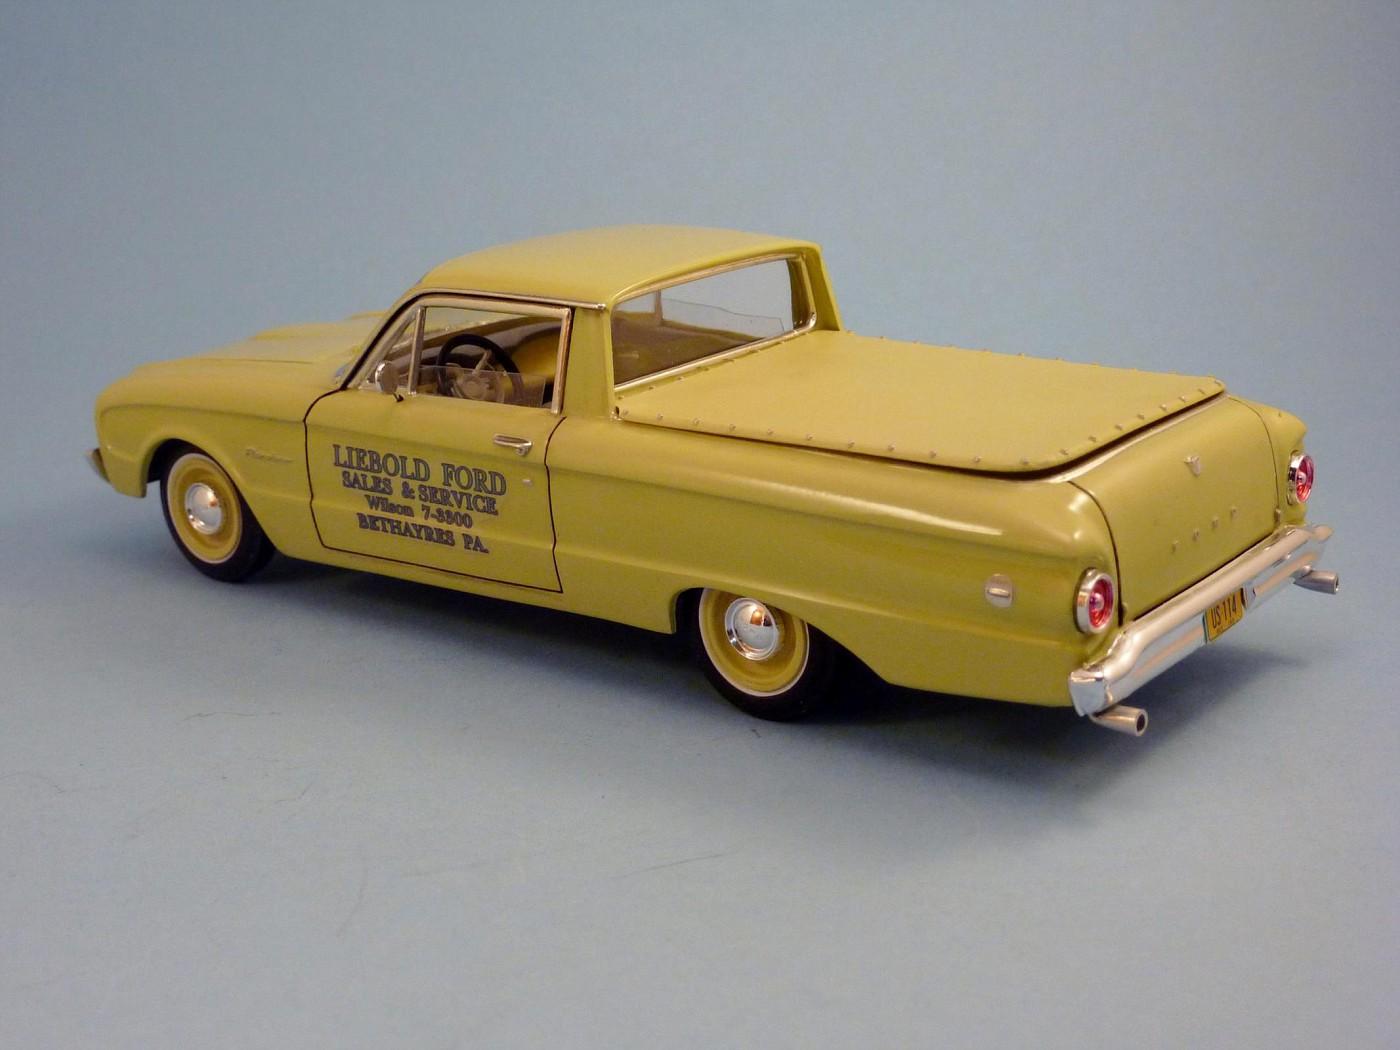 Chevy pickup 60 citerne texaco terminé - Page 3 Photo19-vi